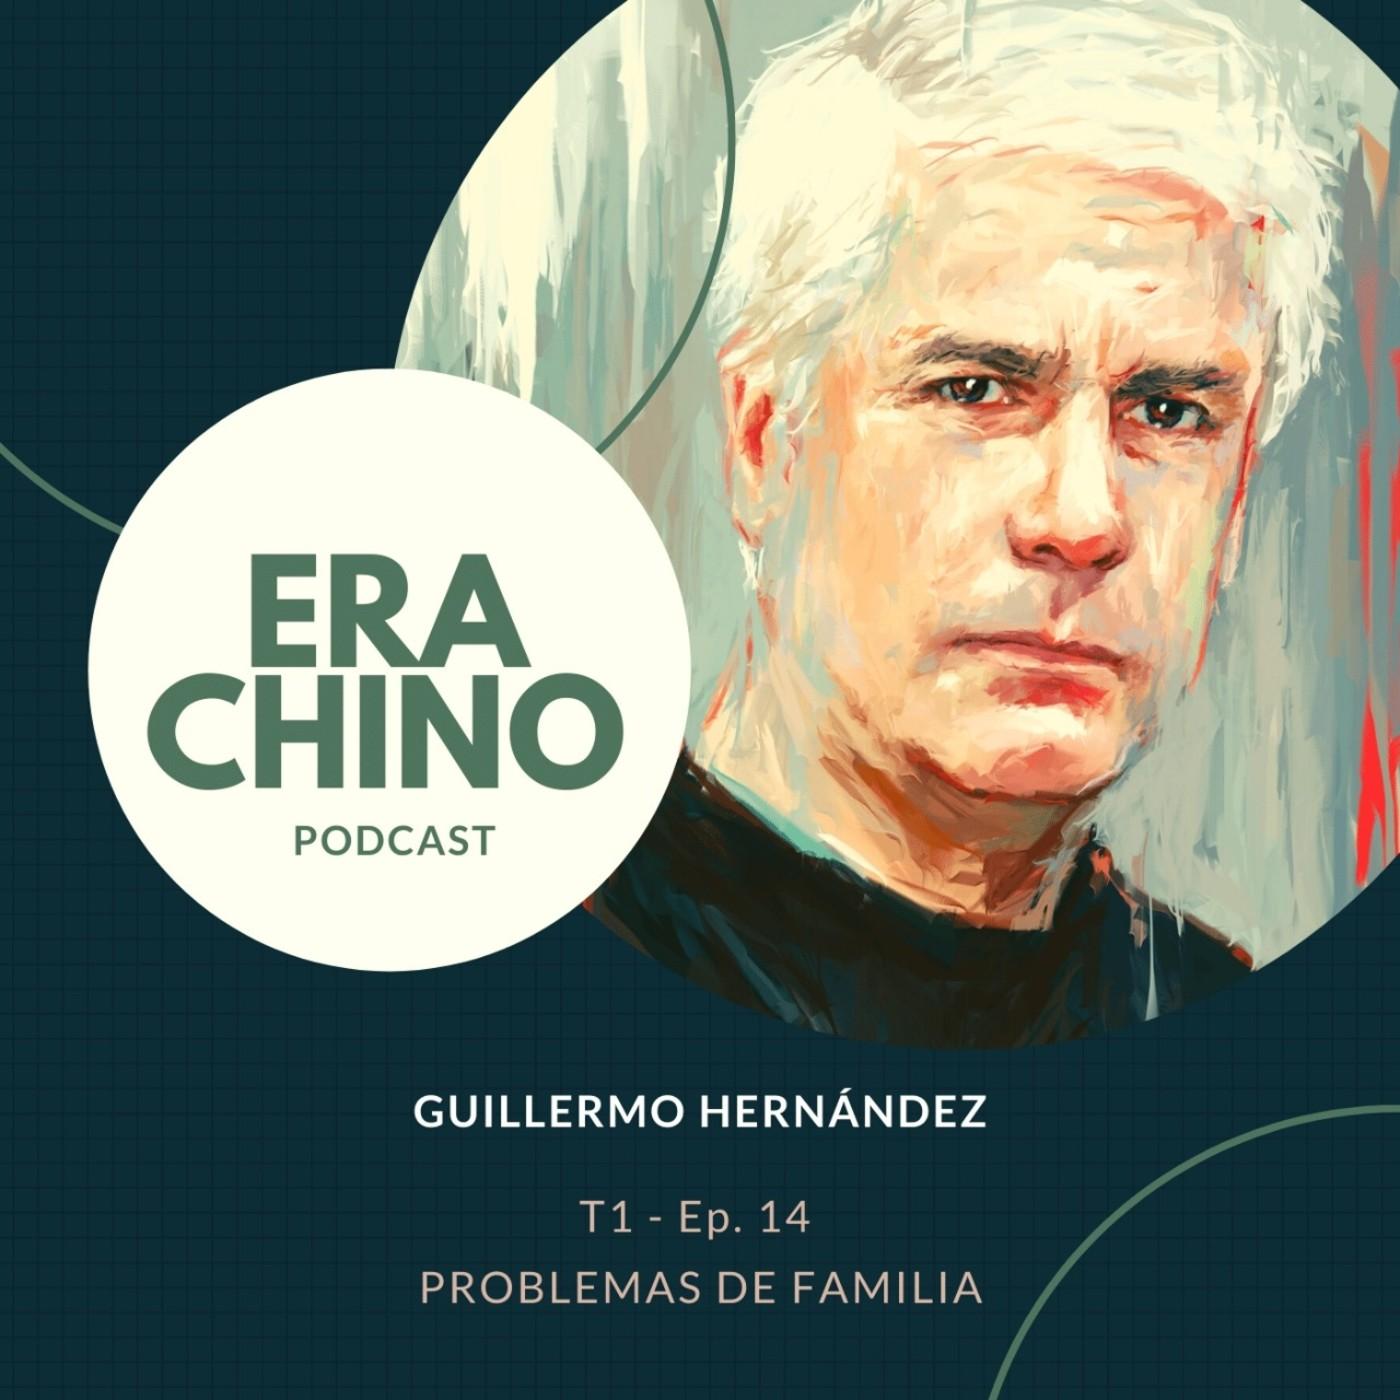 Era Chino T01E14 : Problemas De Familia.